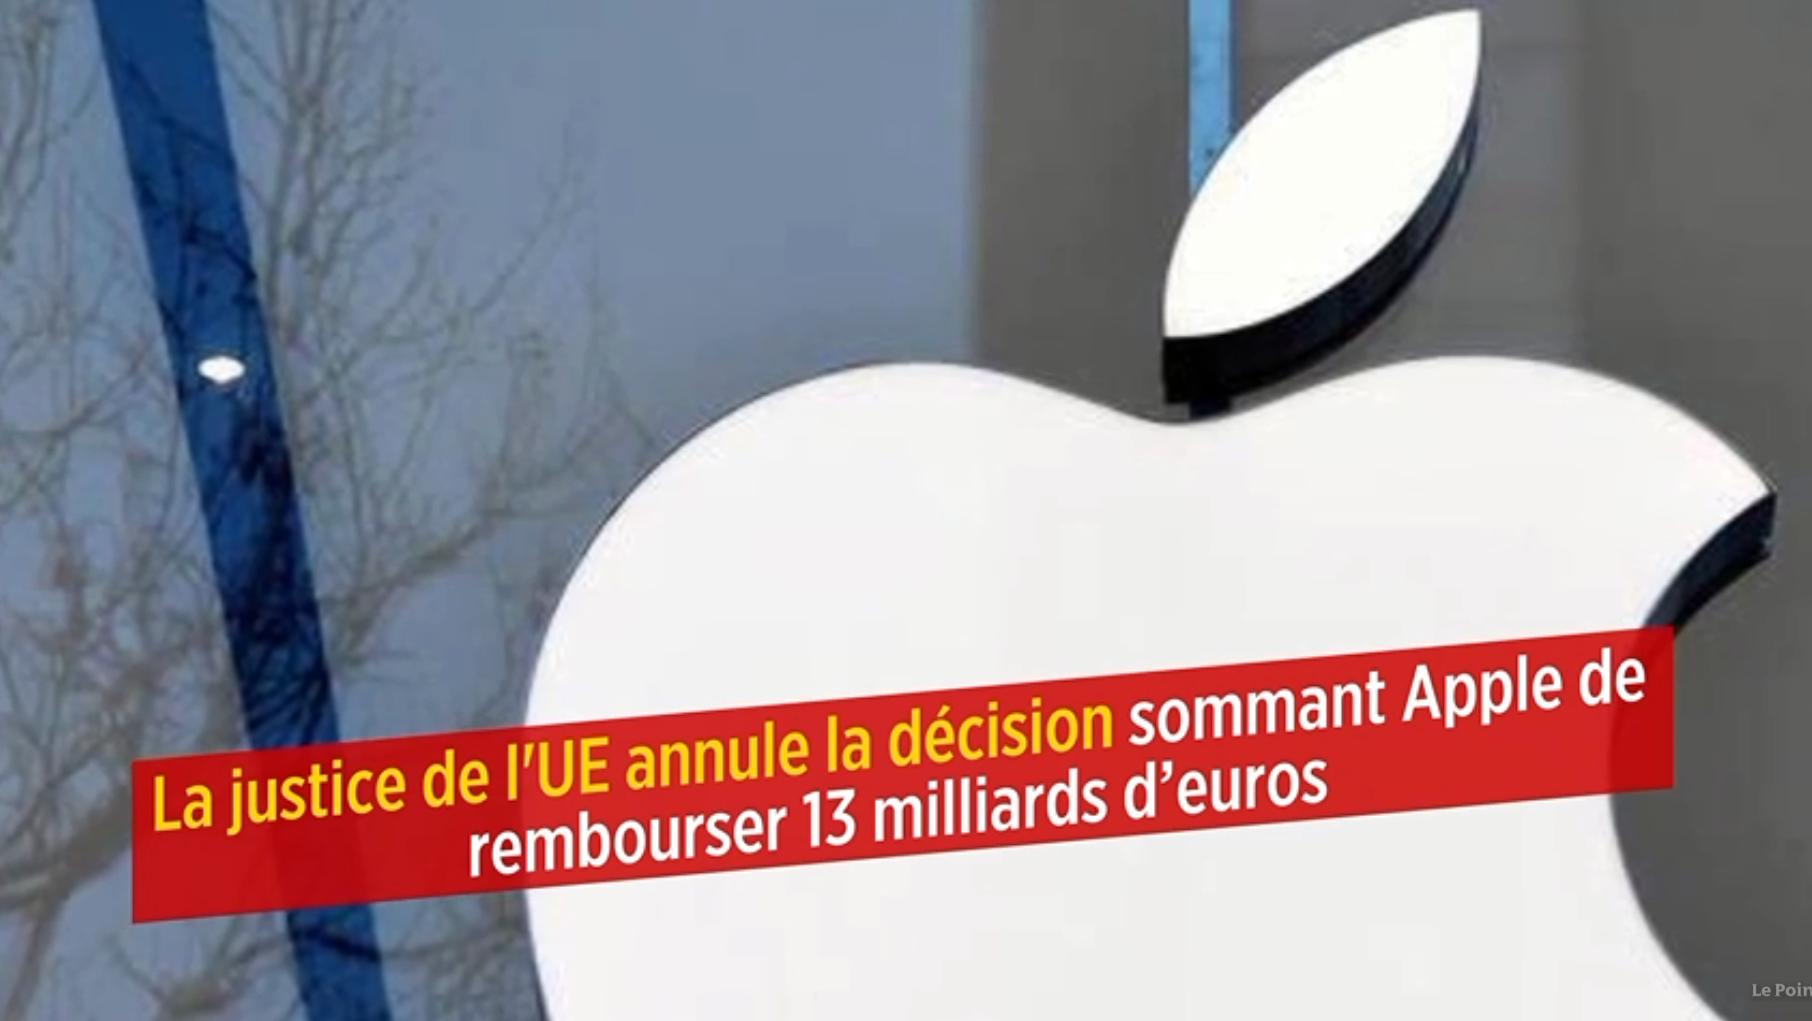 La justice de l'UE annule la décision sommant Apple de rembourser 13 milliards d'euros